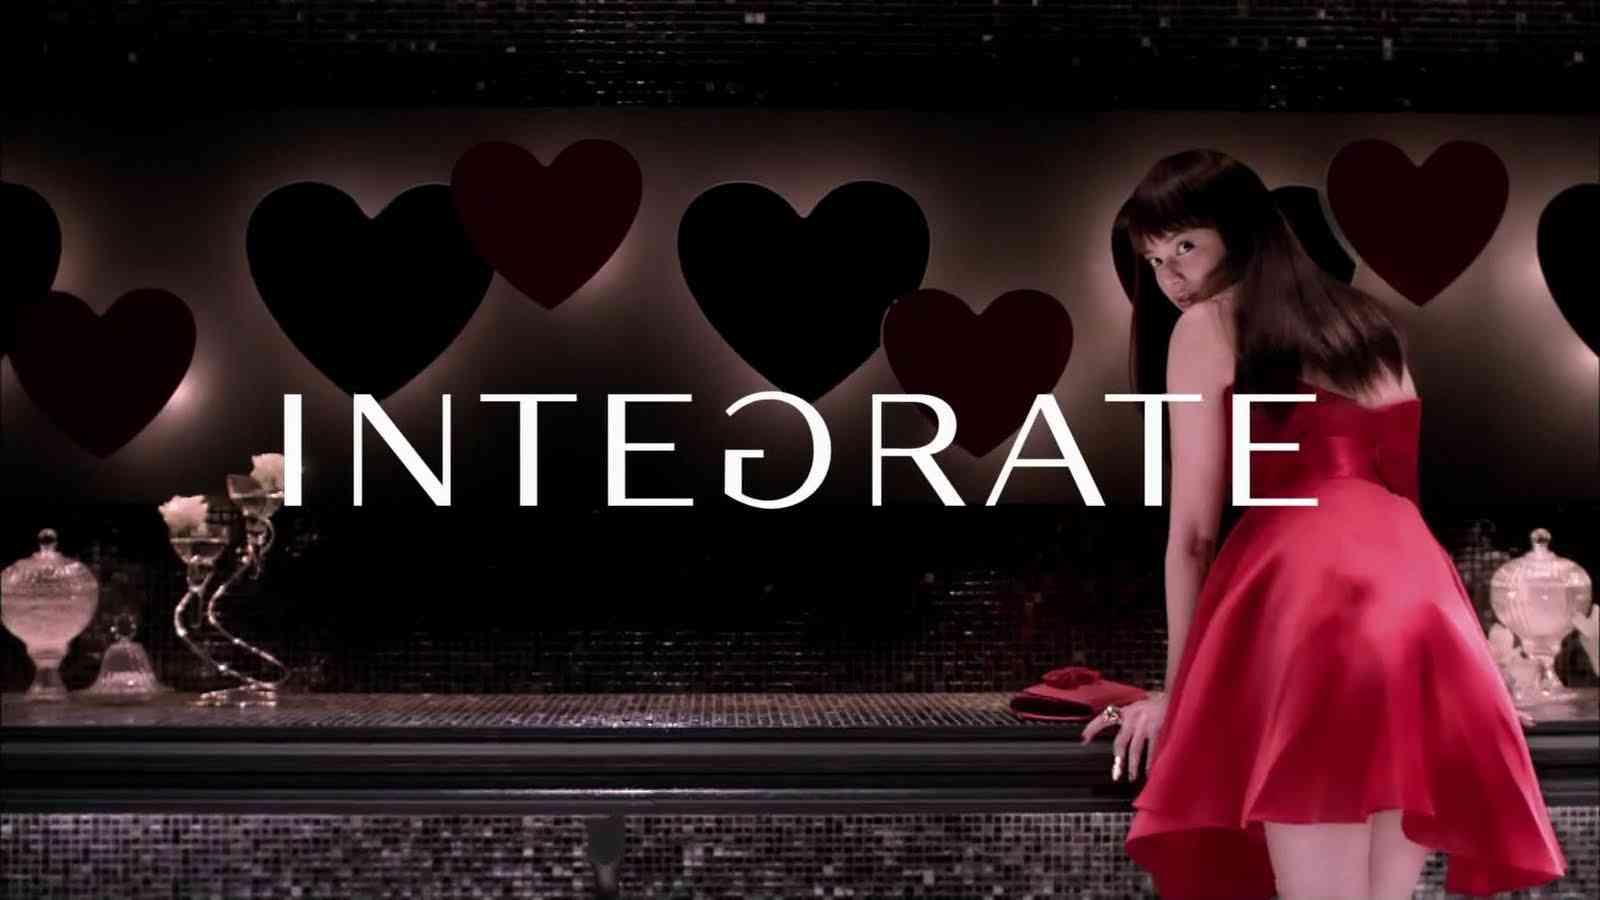 INTEGRATE スナイプジェルライナー - YouTube